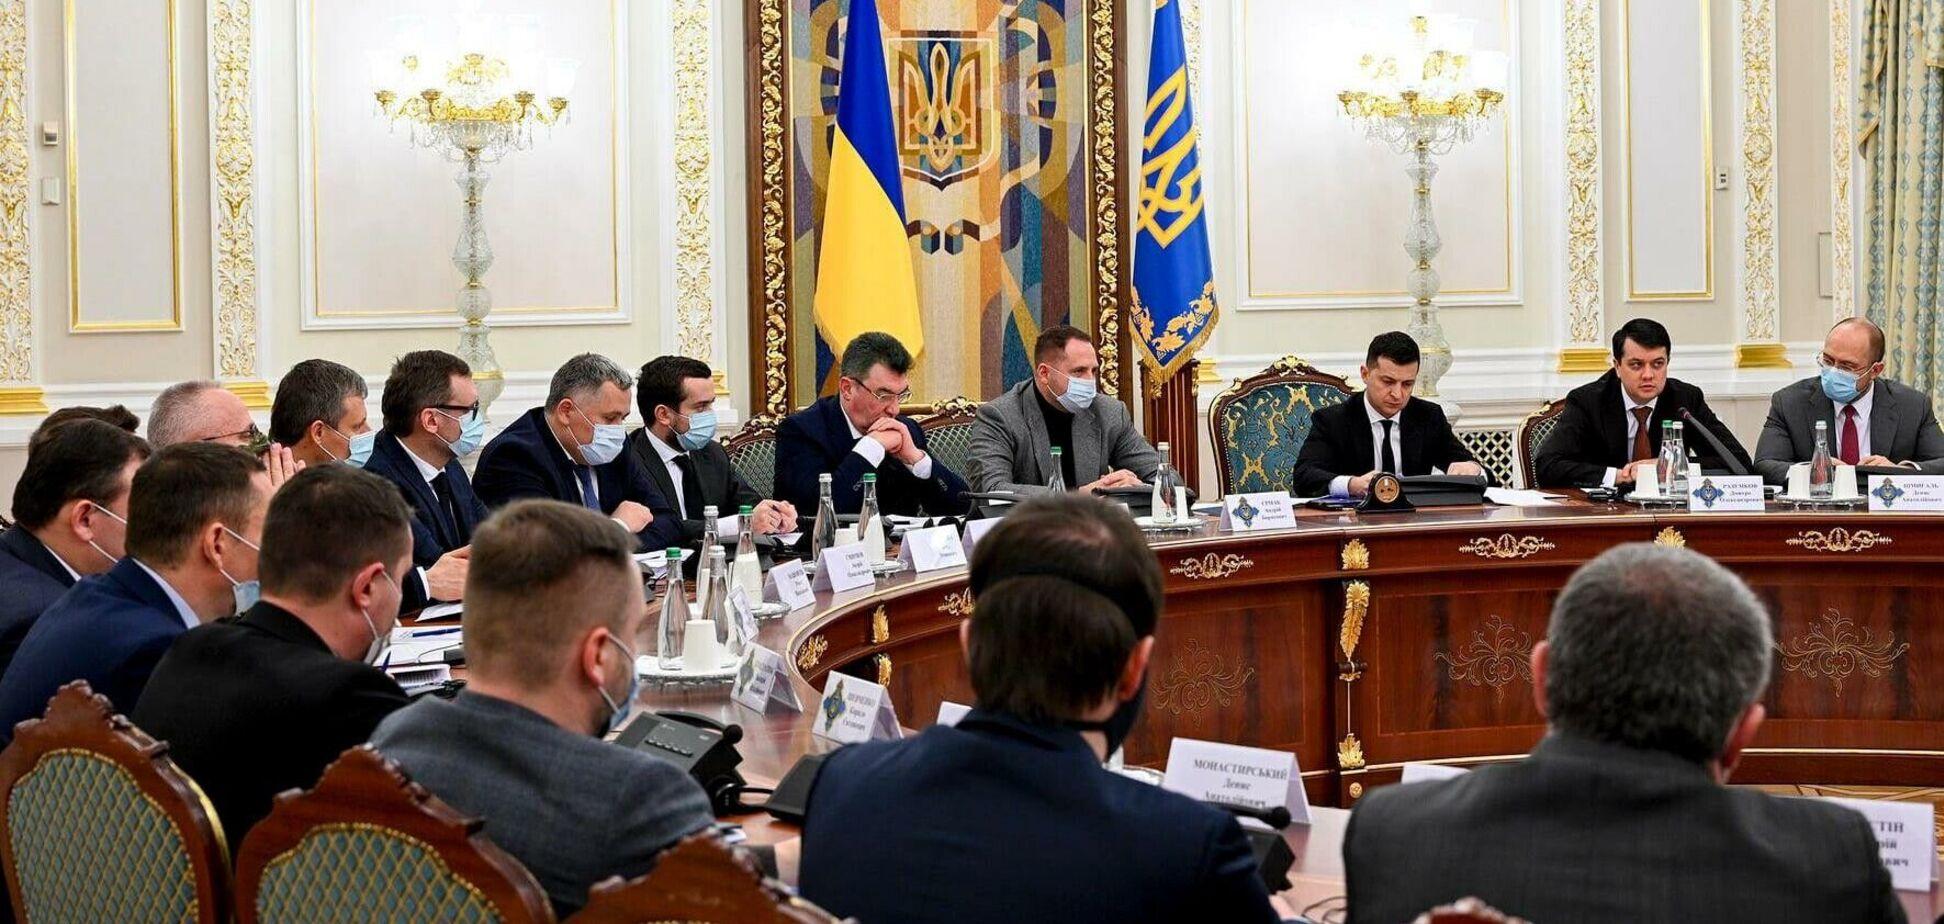 Час розробляти стратегію: що чекає українську медицину в найближче десятиліття